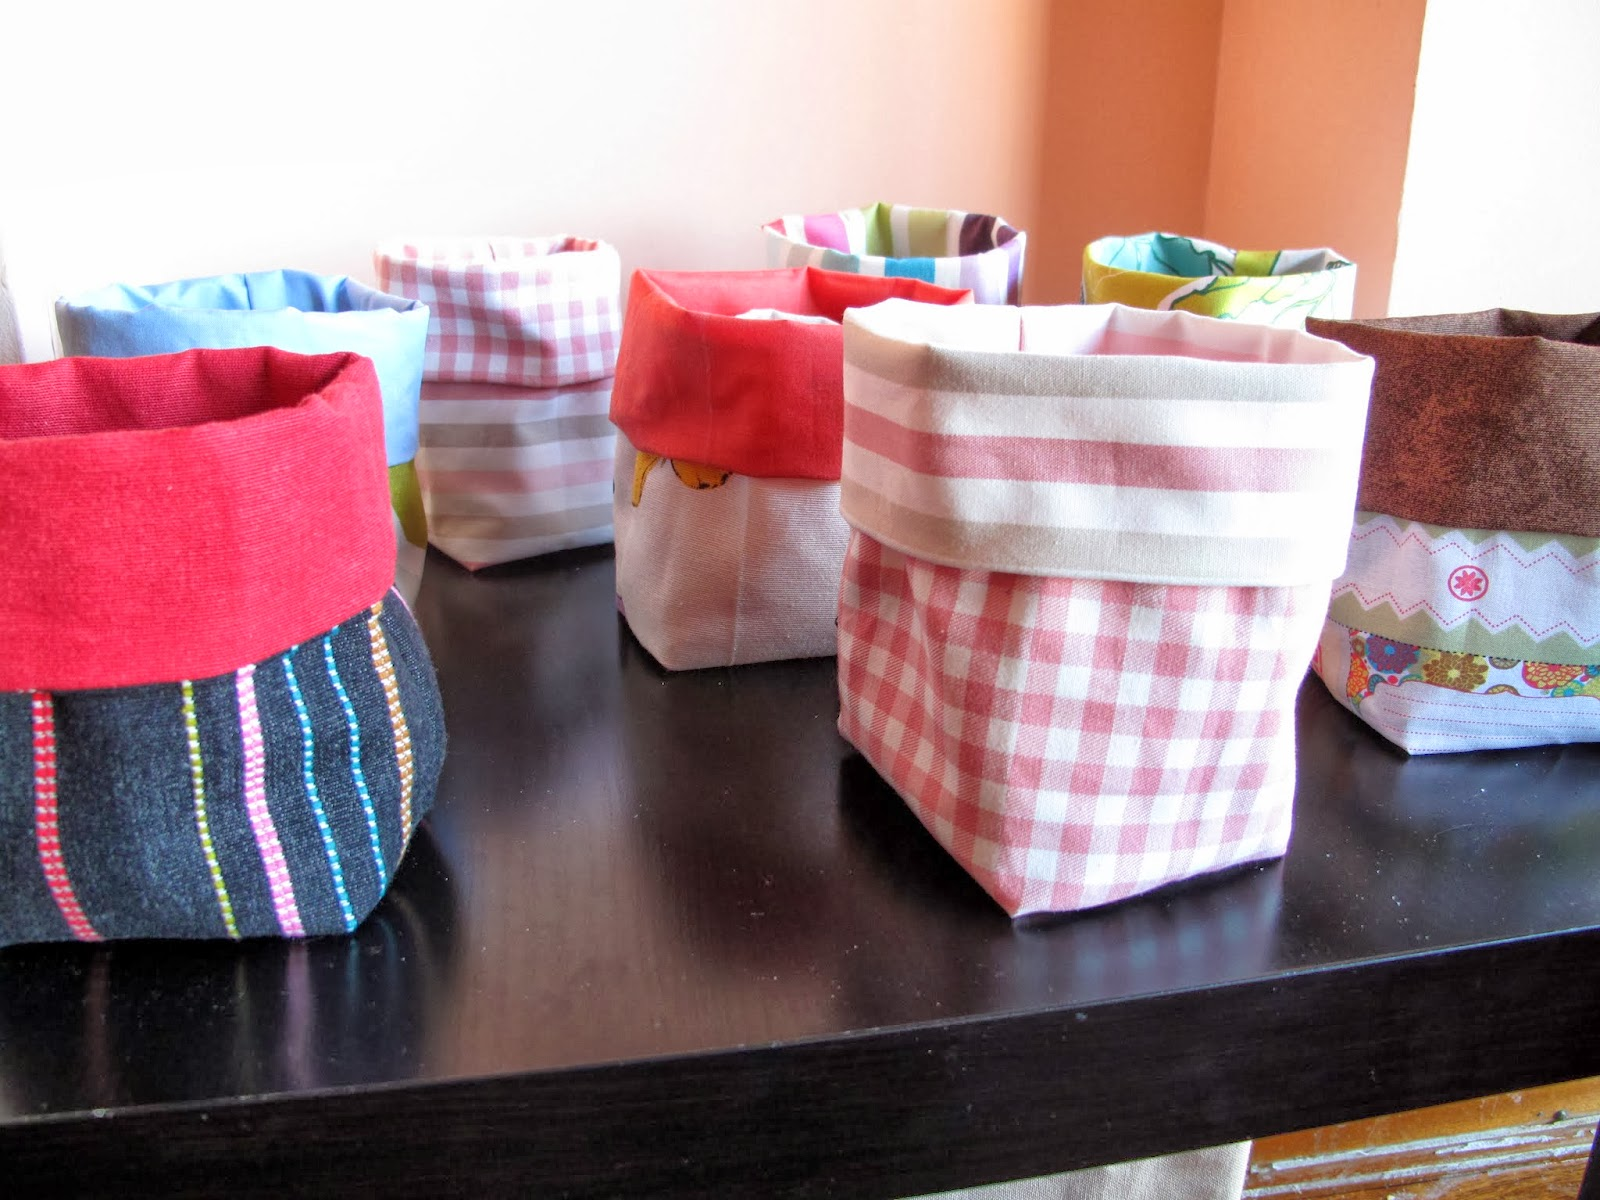 regalos de navidad hechos por mi misma para las chicas mi madre mis tas mis primas he hecho unas bolsitas de tela como las que os ense aqu